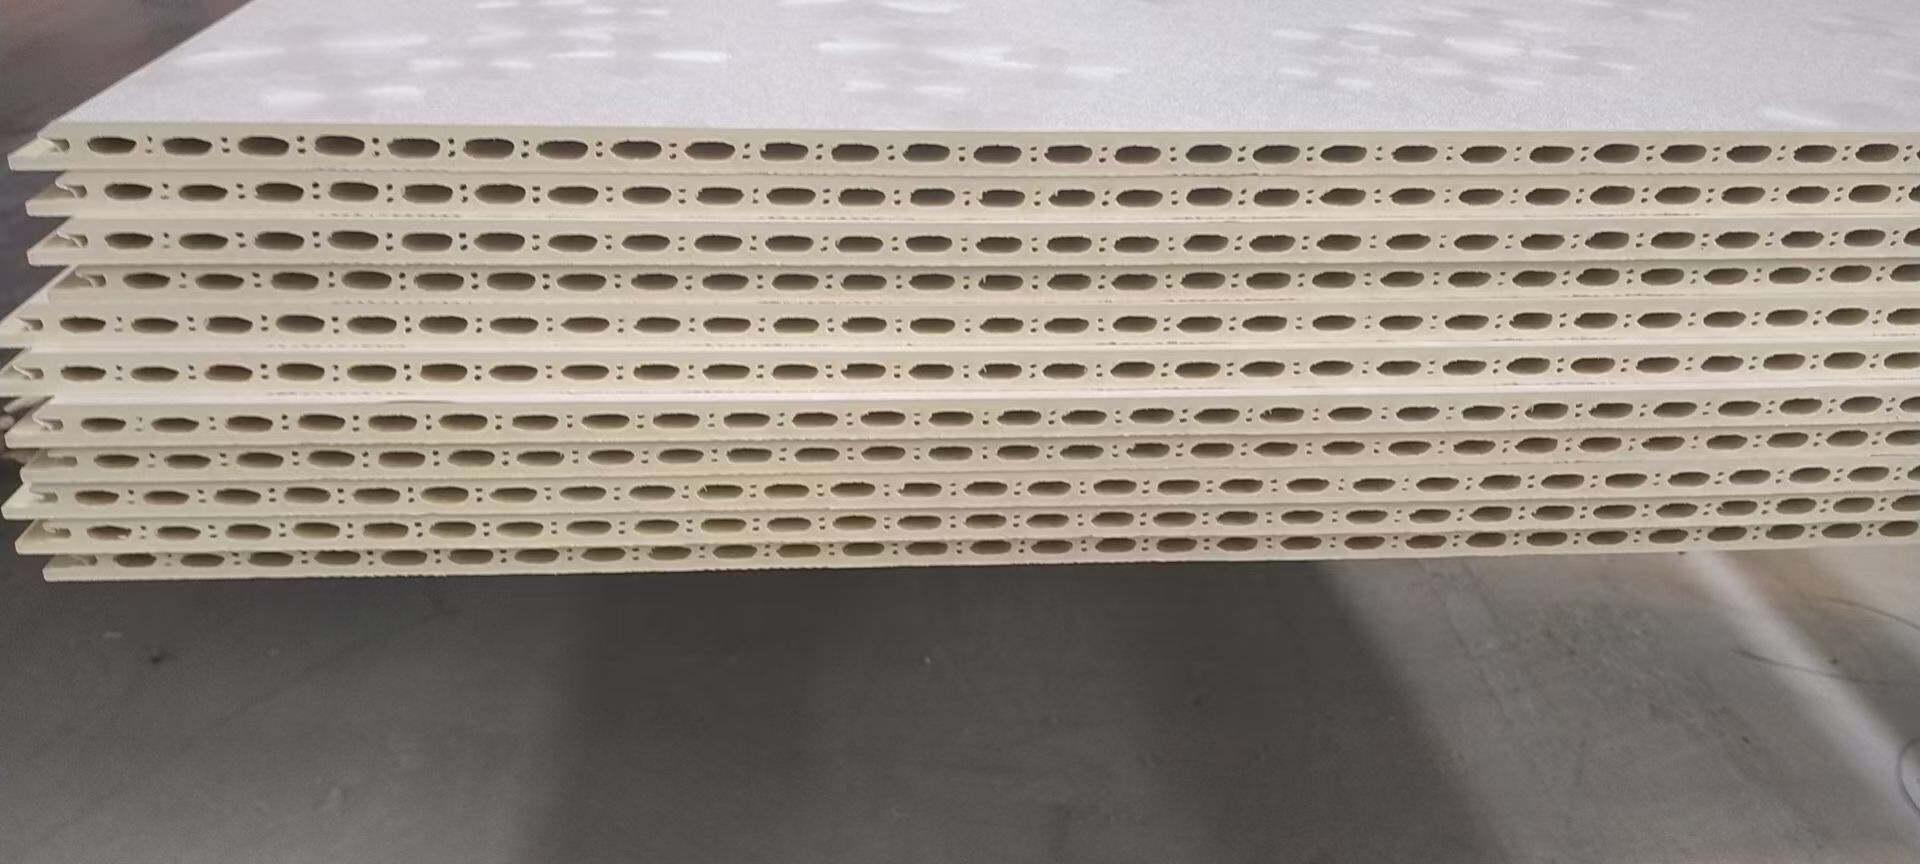 四川广元竹木纤维吸音板,隔音毡实力厂家推荐